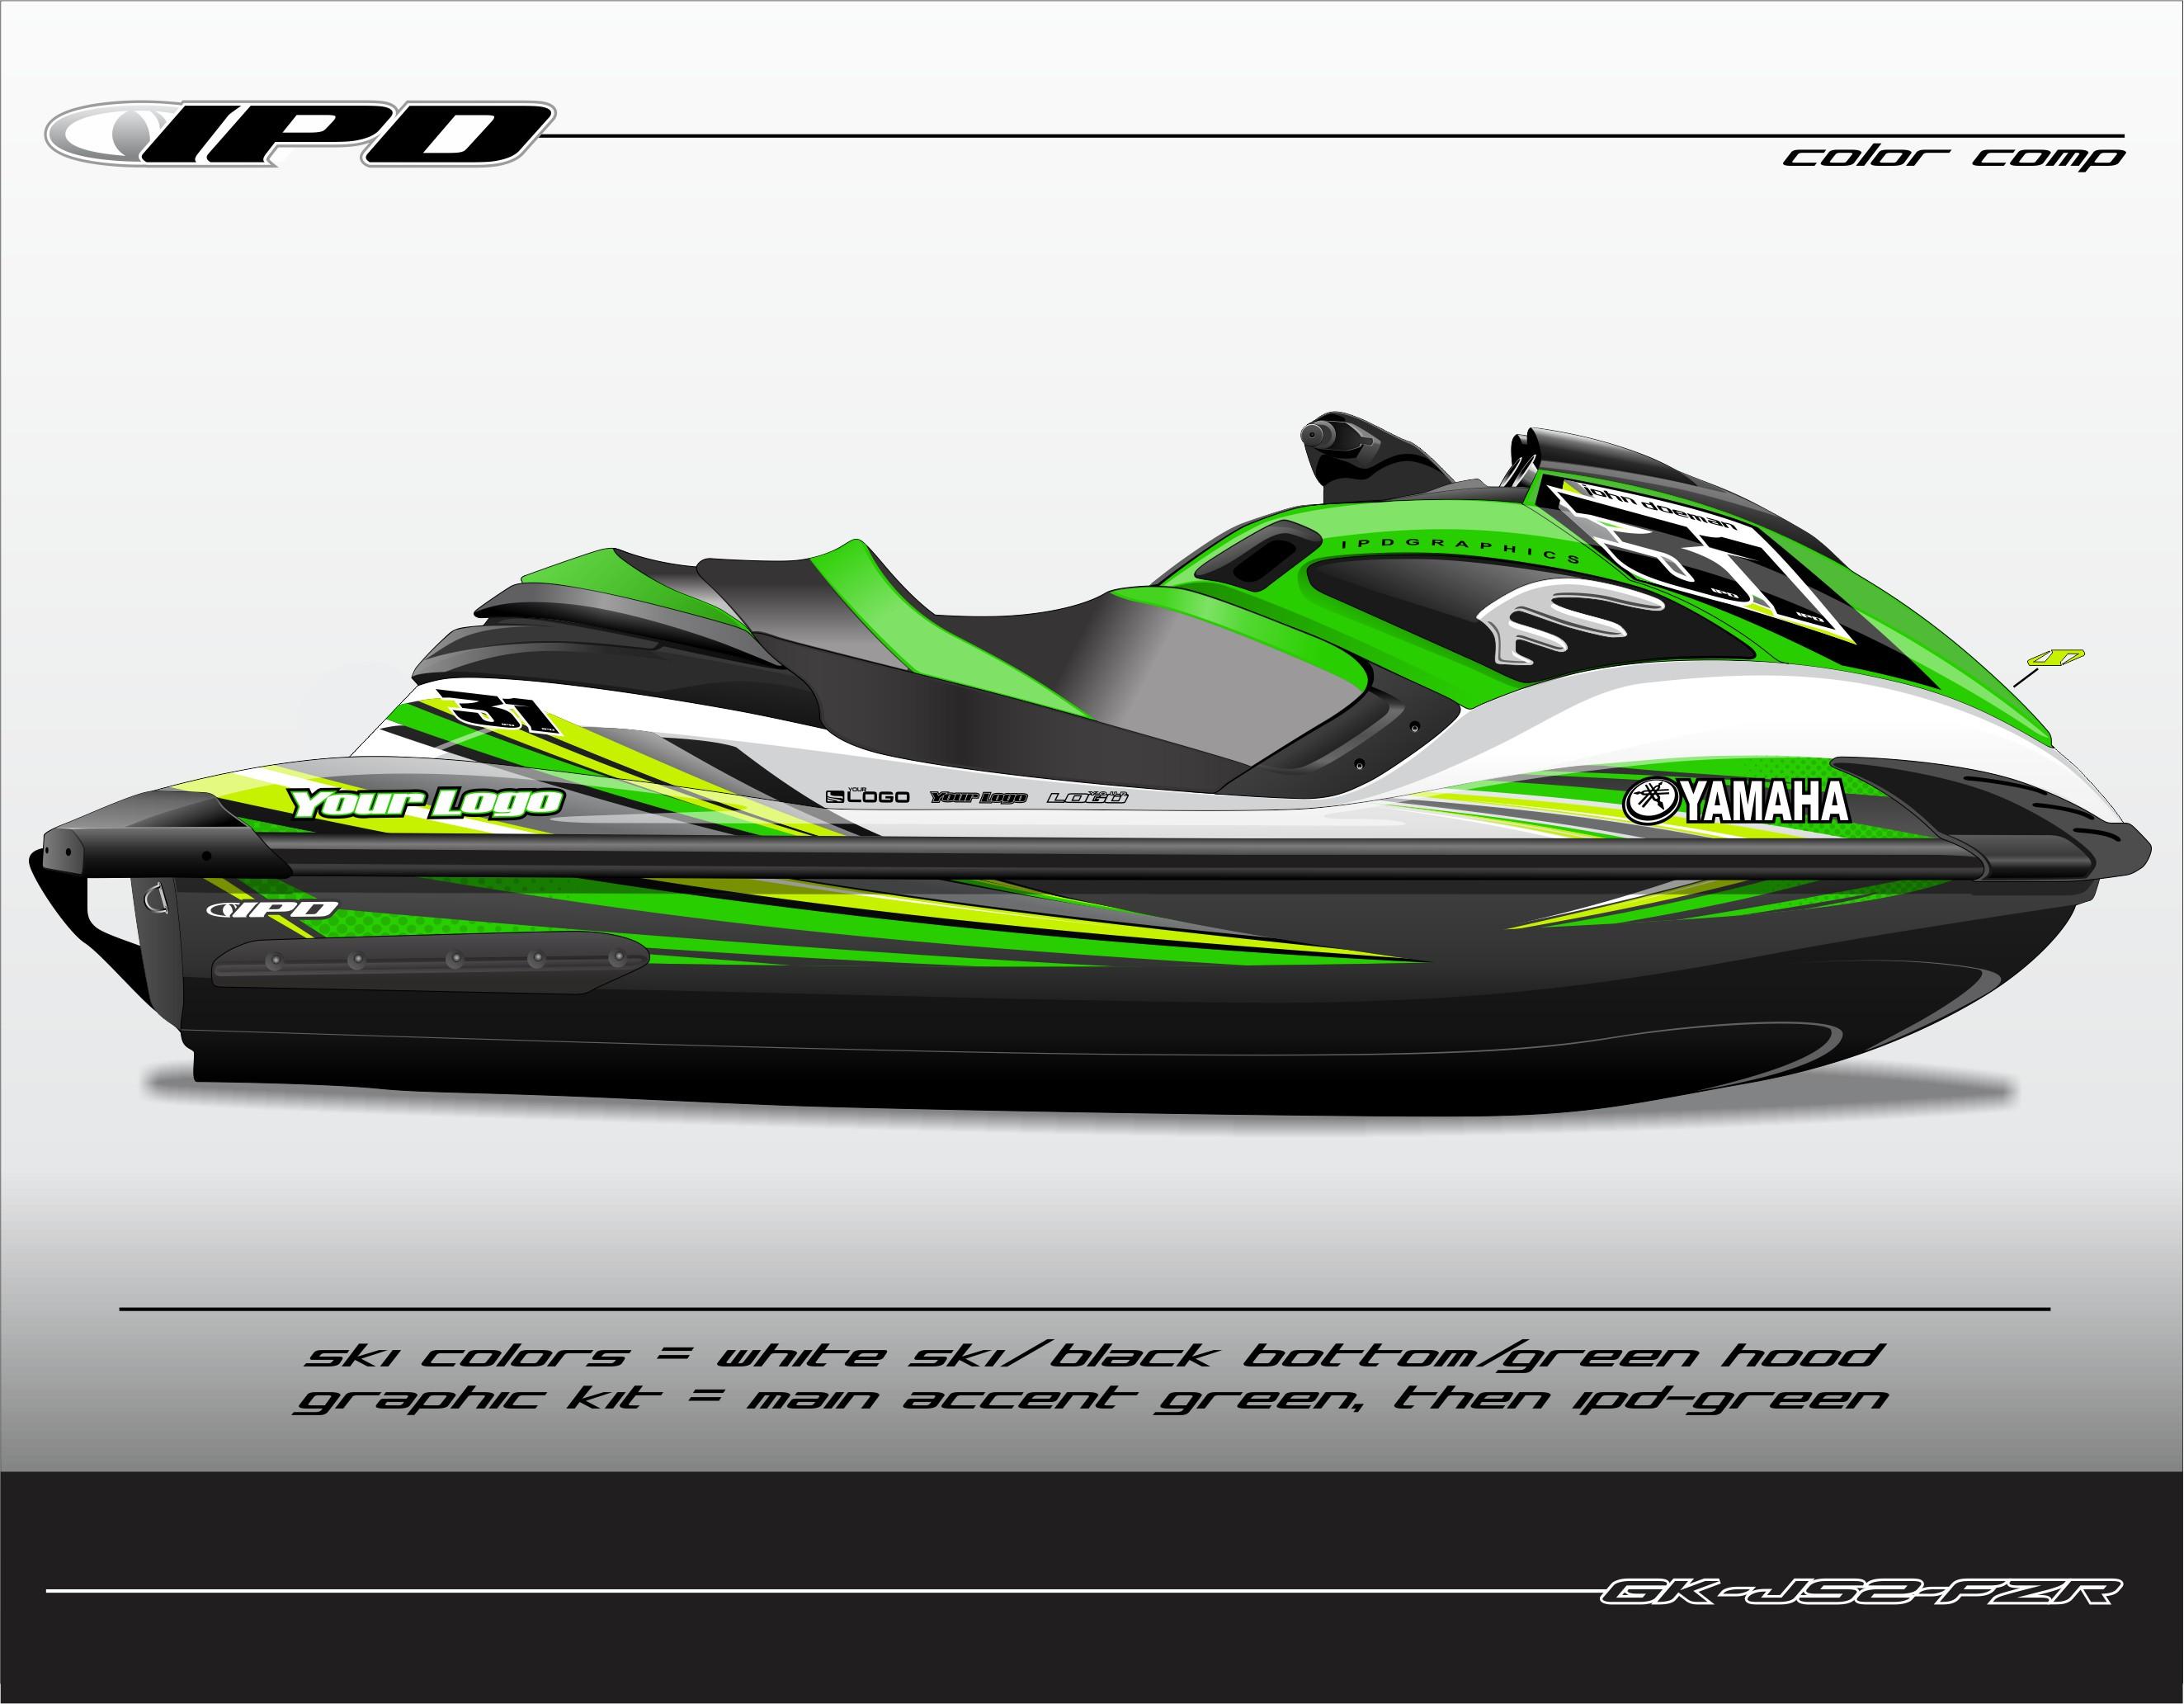 Yamaha Fzr Fzs Js2 Design Graphics Kit